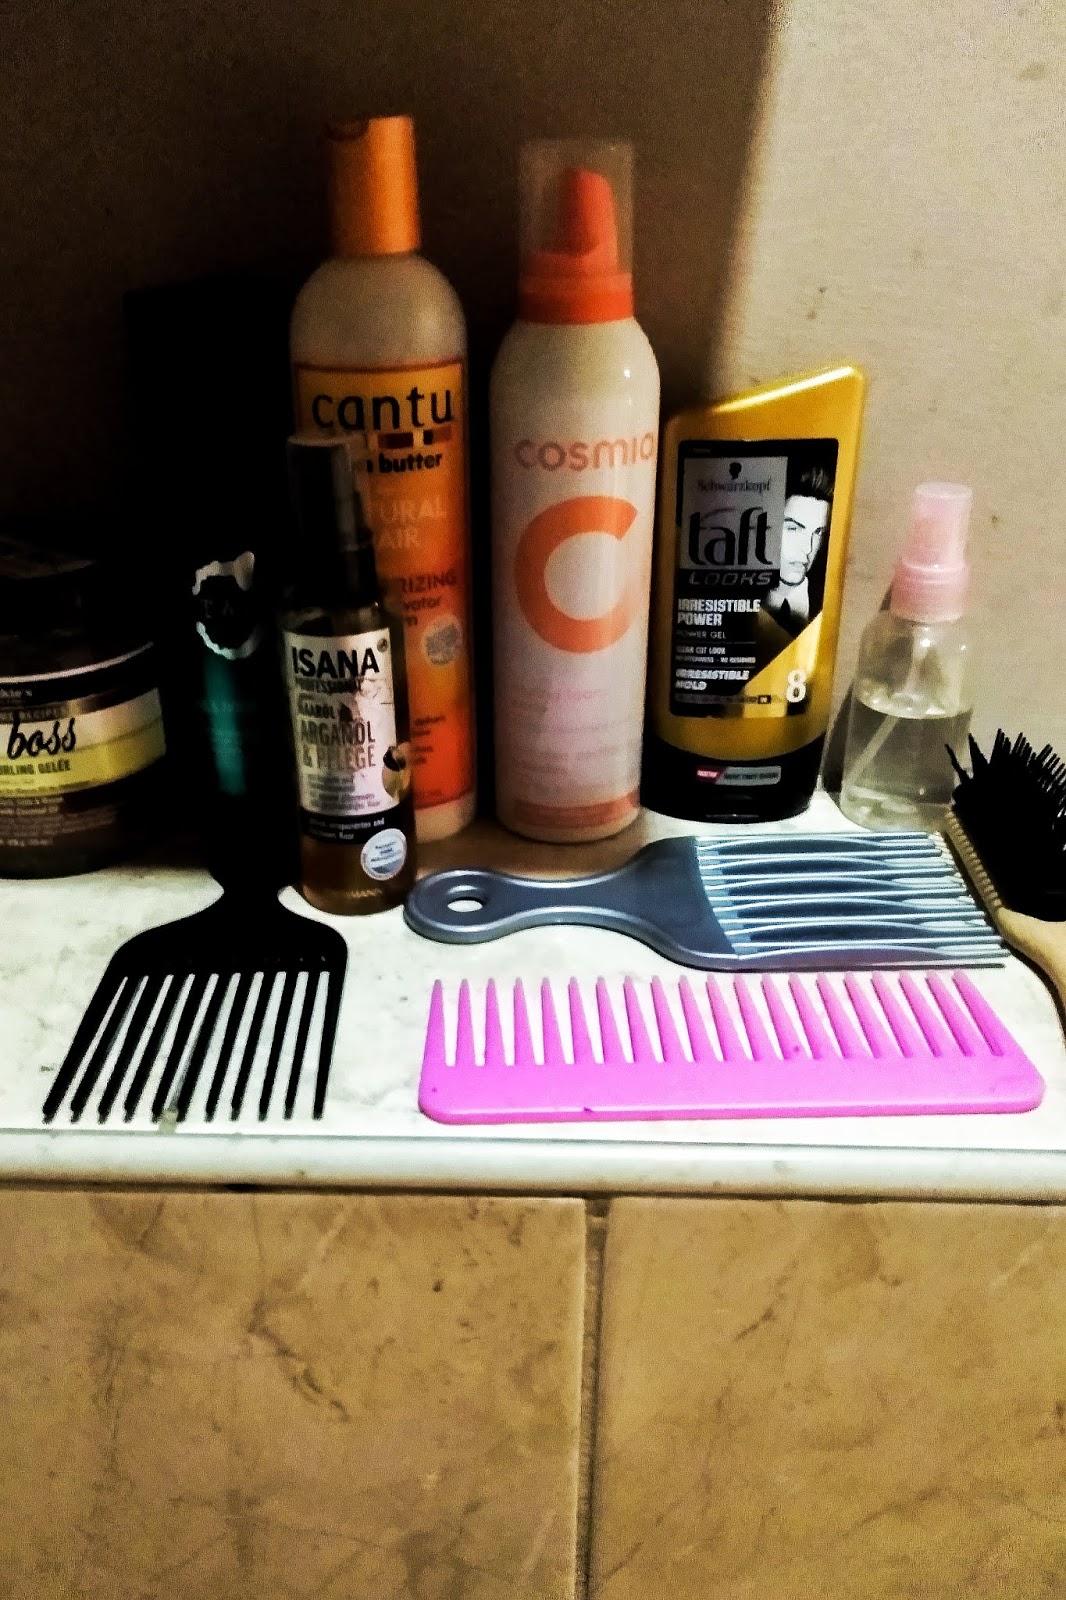 Niezbędnik kręconowłosej. Podstawowe akcesoria do pielęgnacji włosów